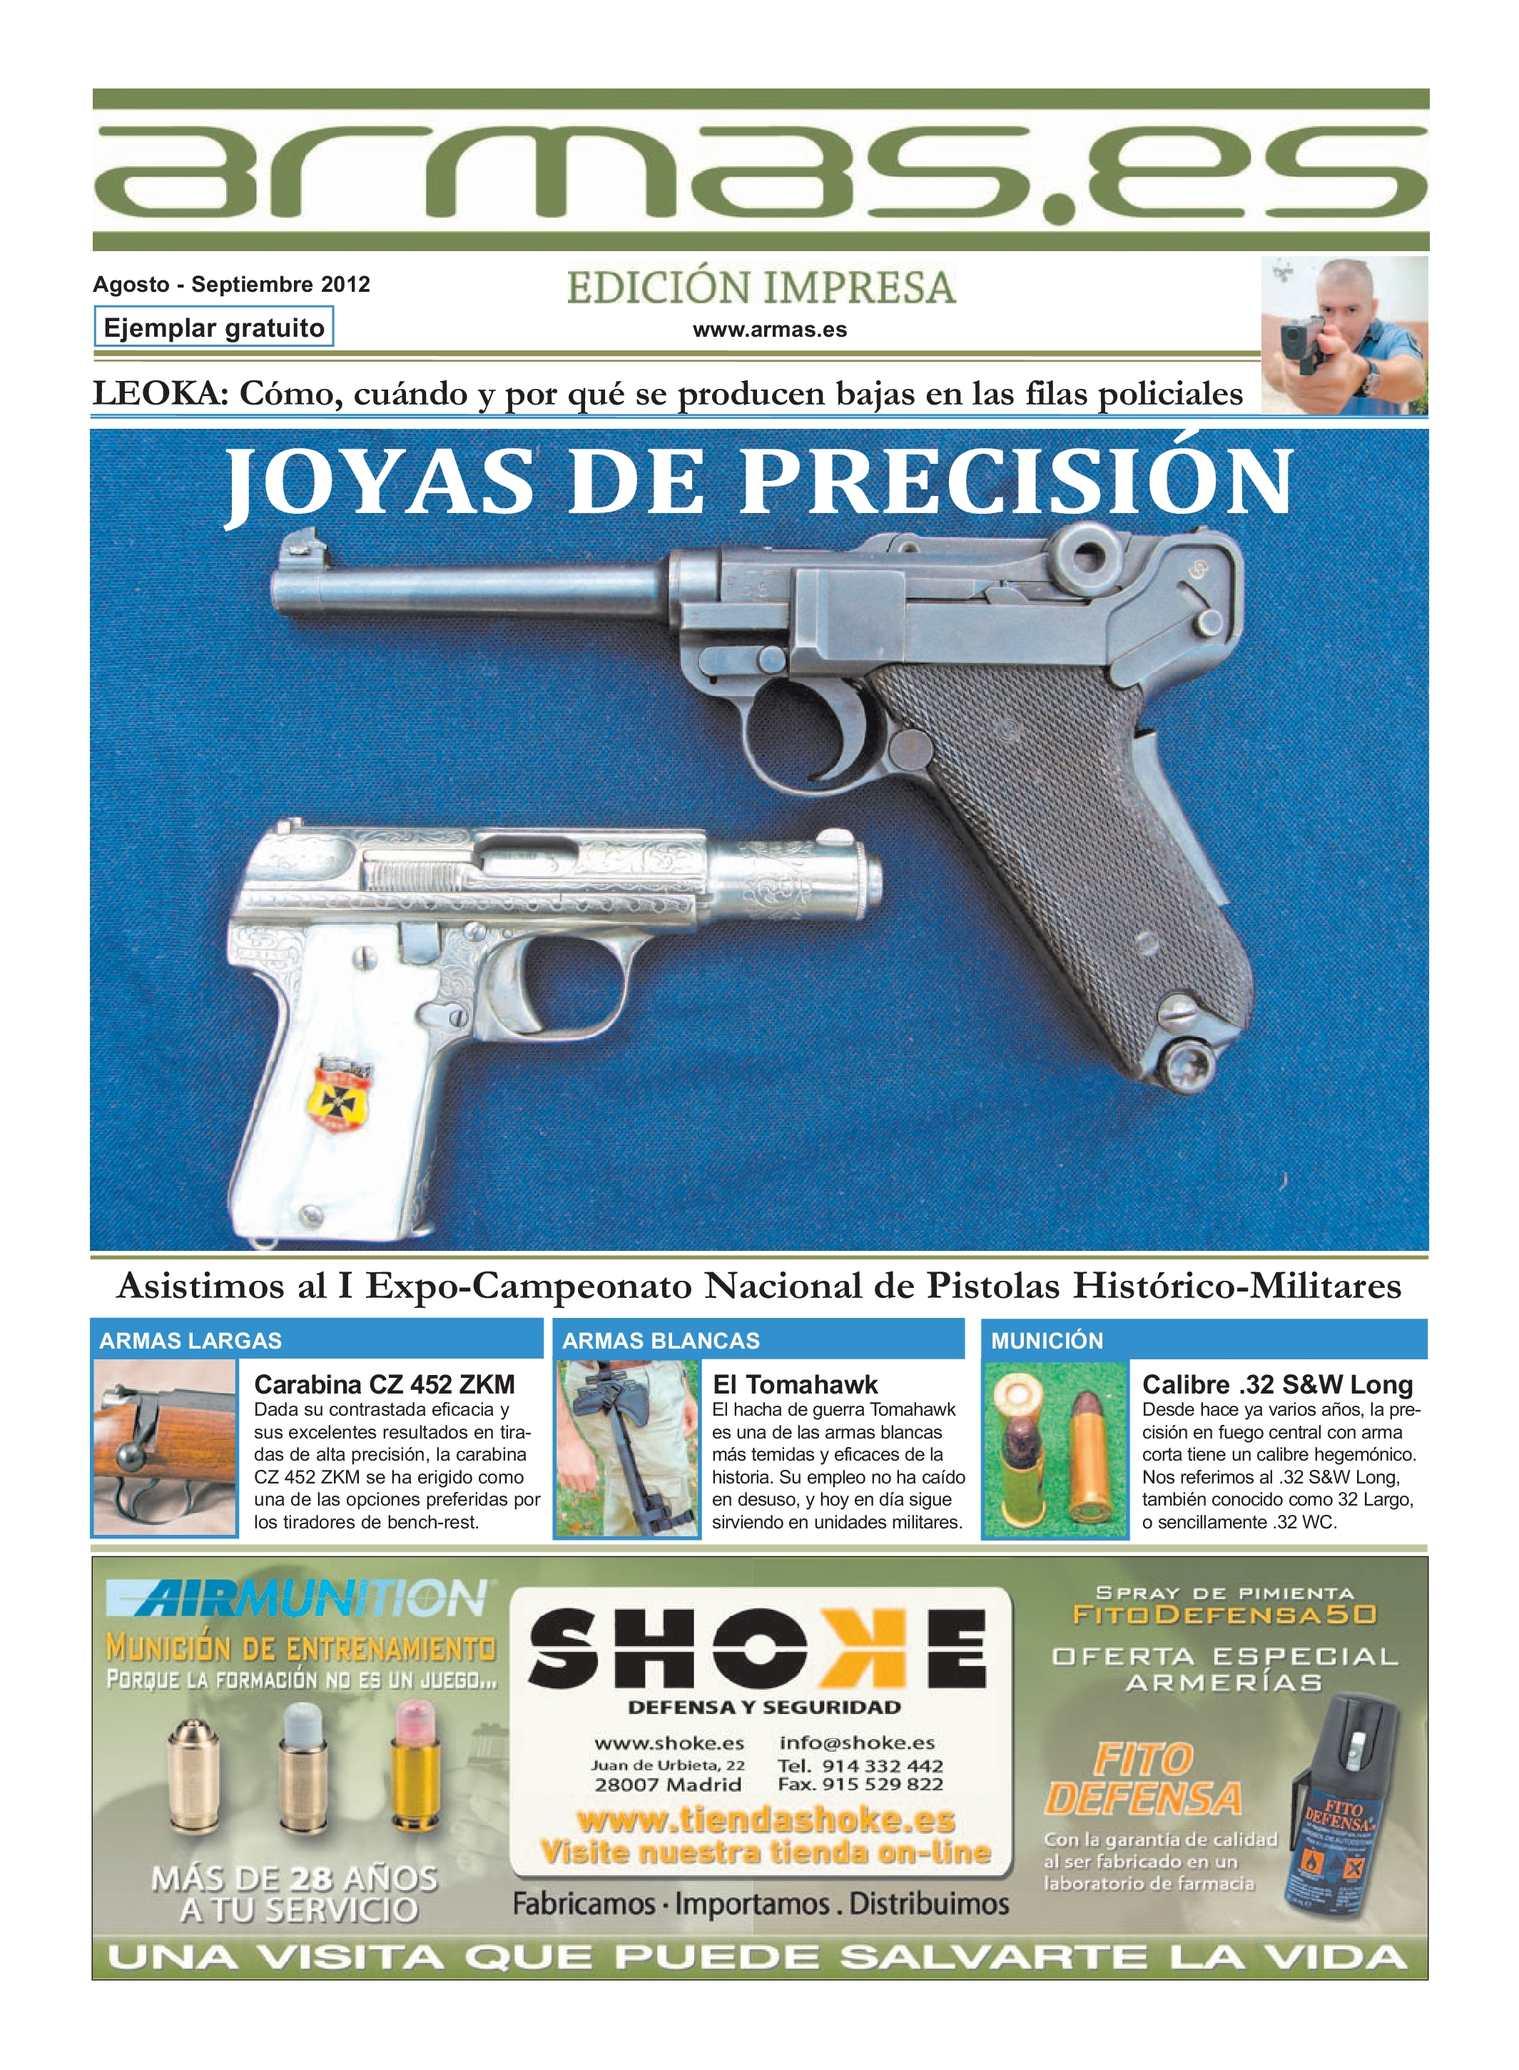 Calaméo - Periódico Armas.es Edición Impresa. nº 43. Agosto ...